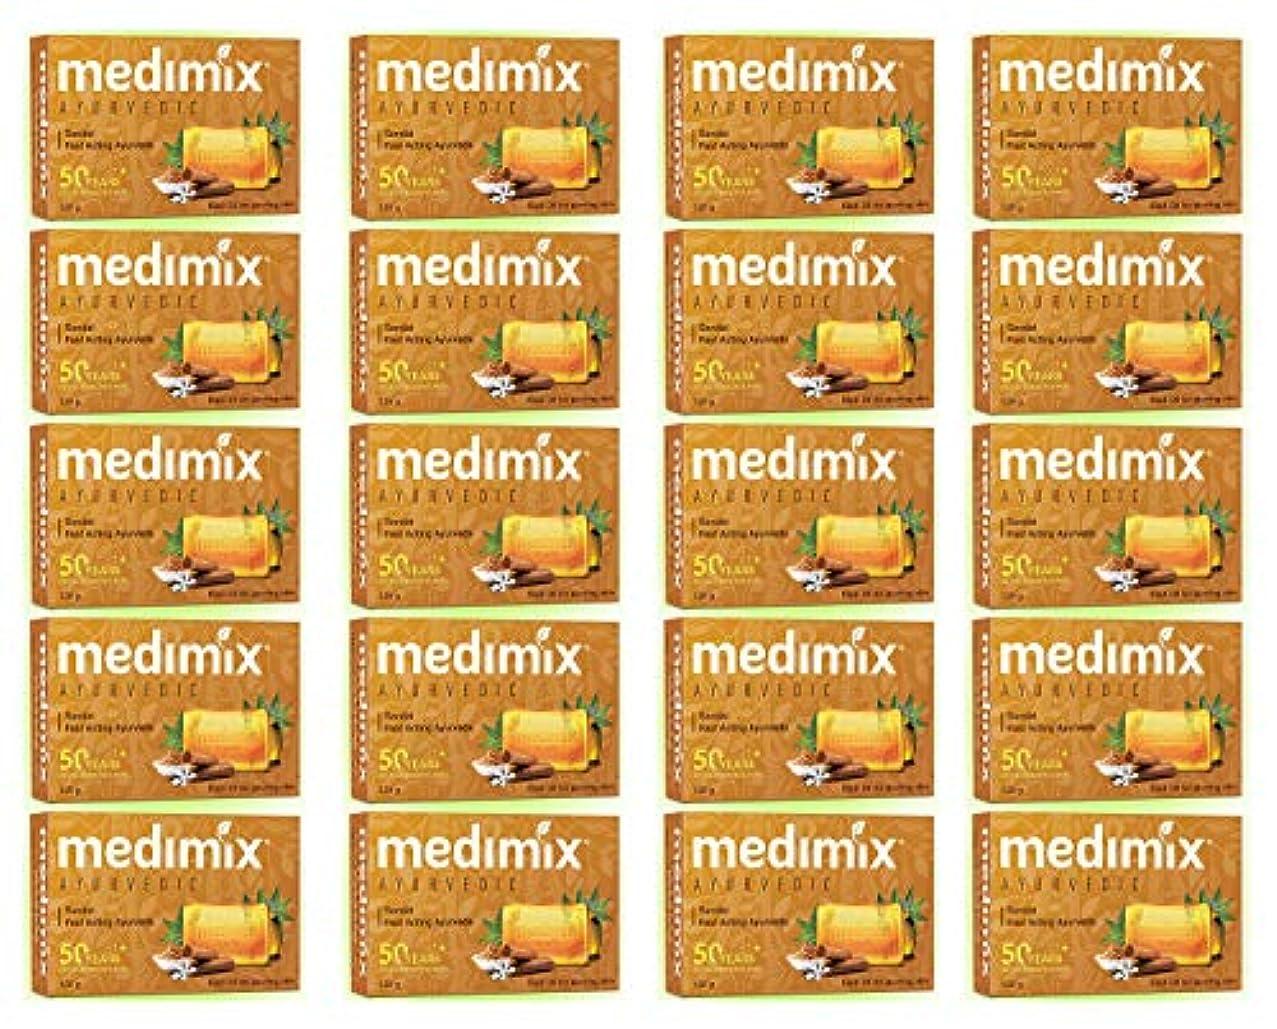 障害吐く自体medimix メディミックス アーユルヴェディックサンダル 石鹸(旧商品名クラシックオレンジ))125g 20個入り